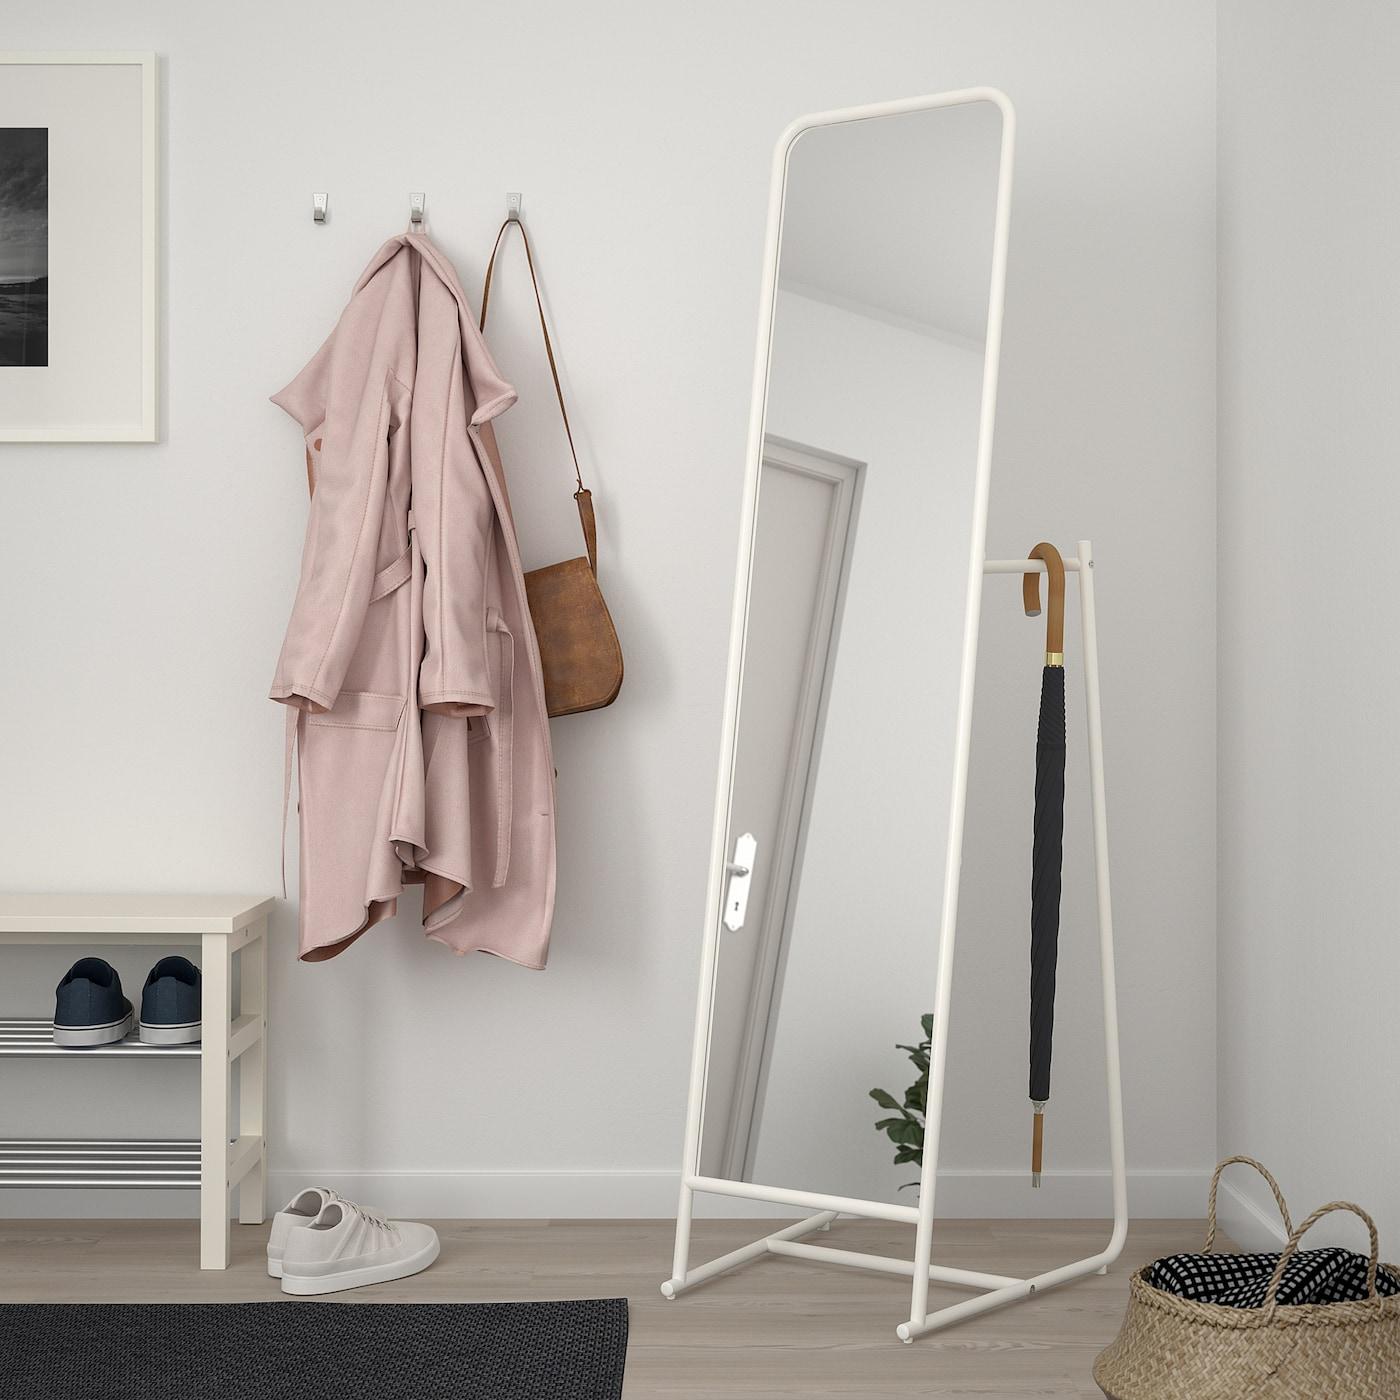 Kner Floor Mirror White 18 7 8x63